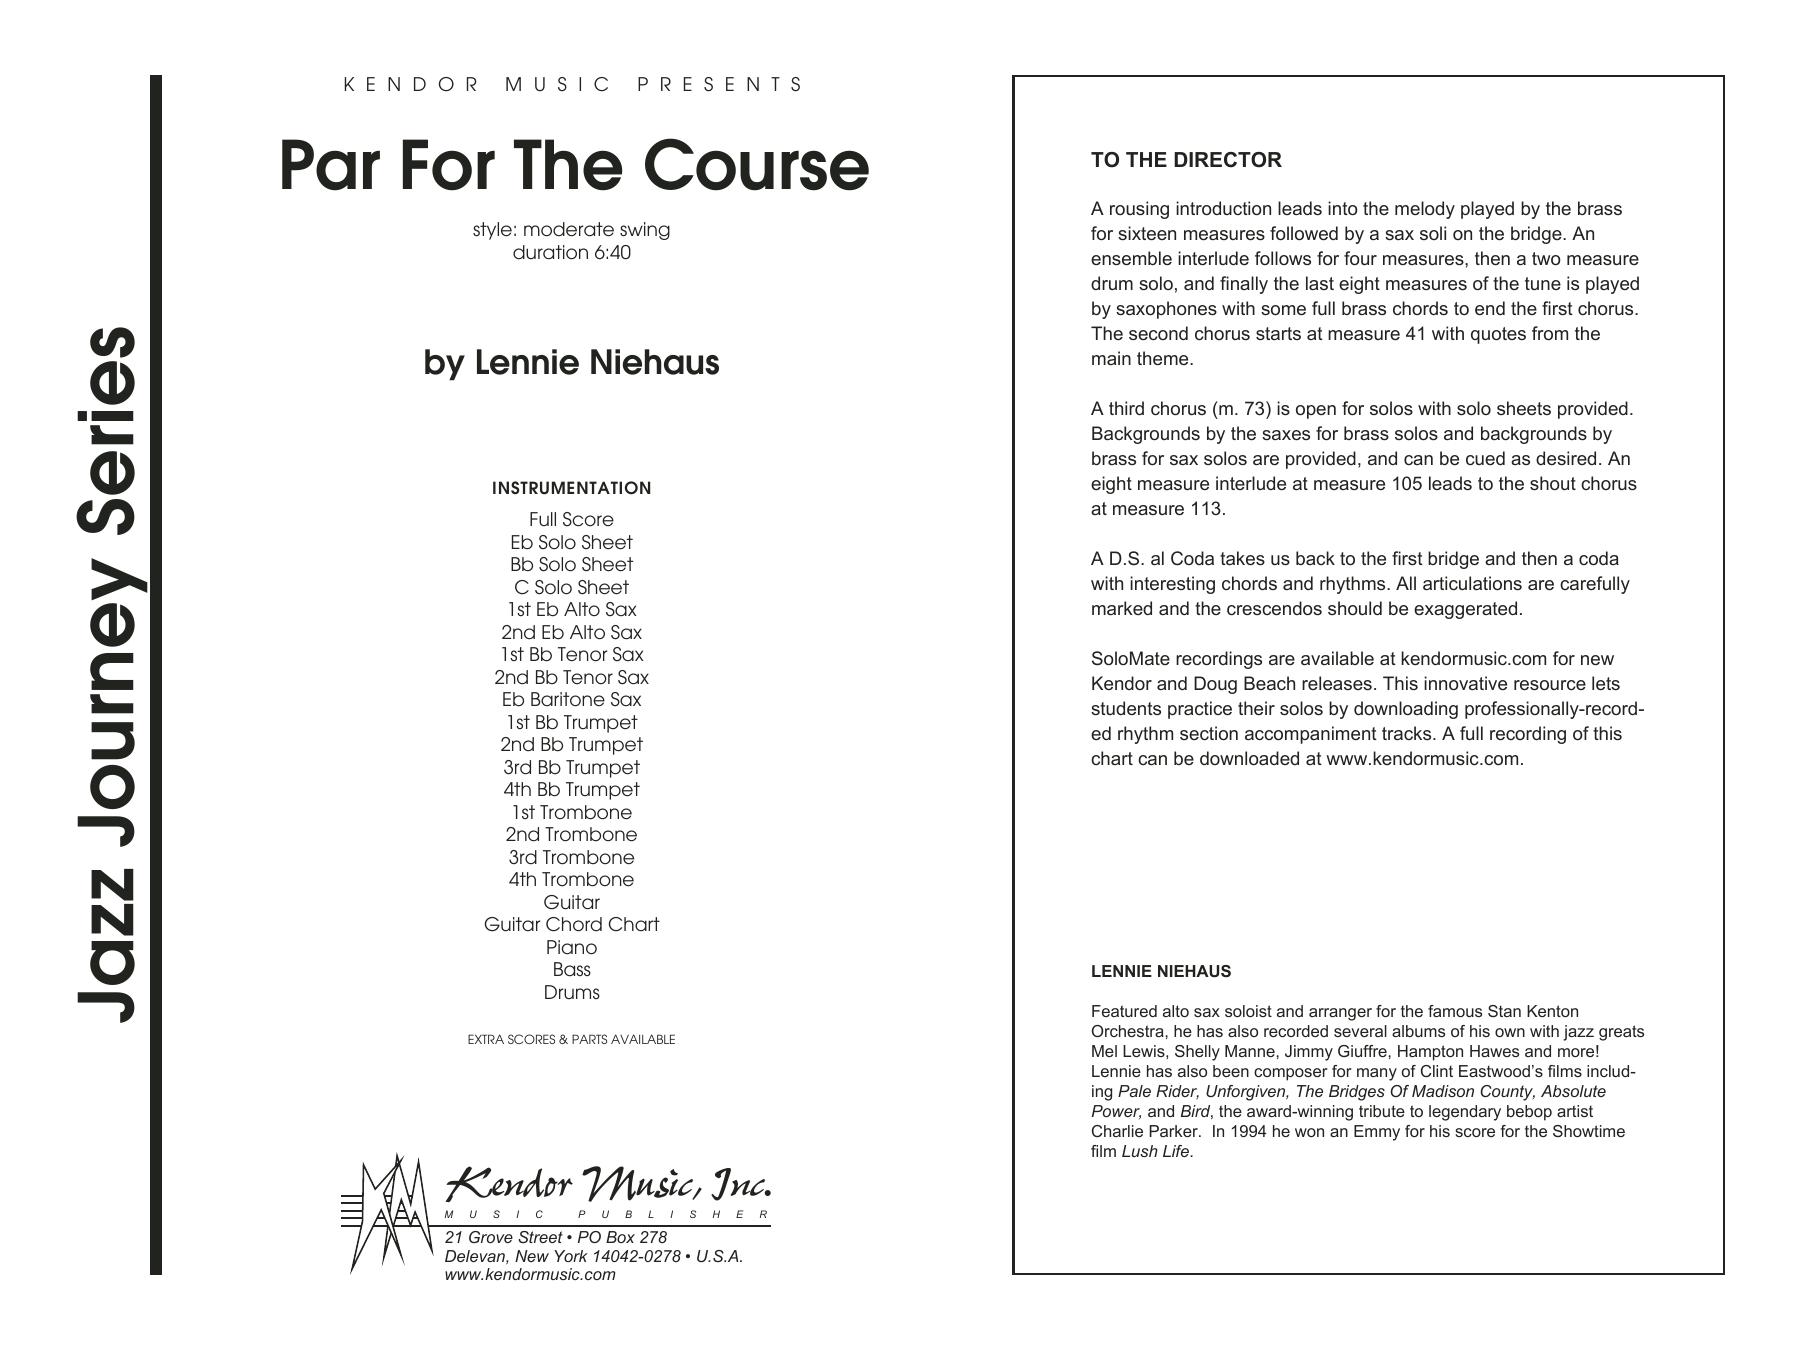 Par For The Course - Full Score